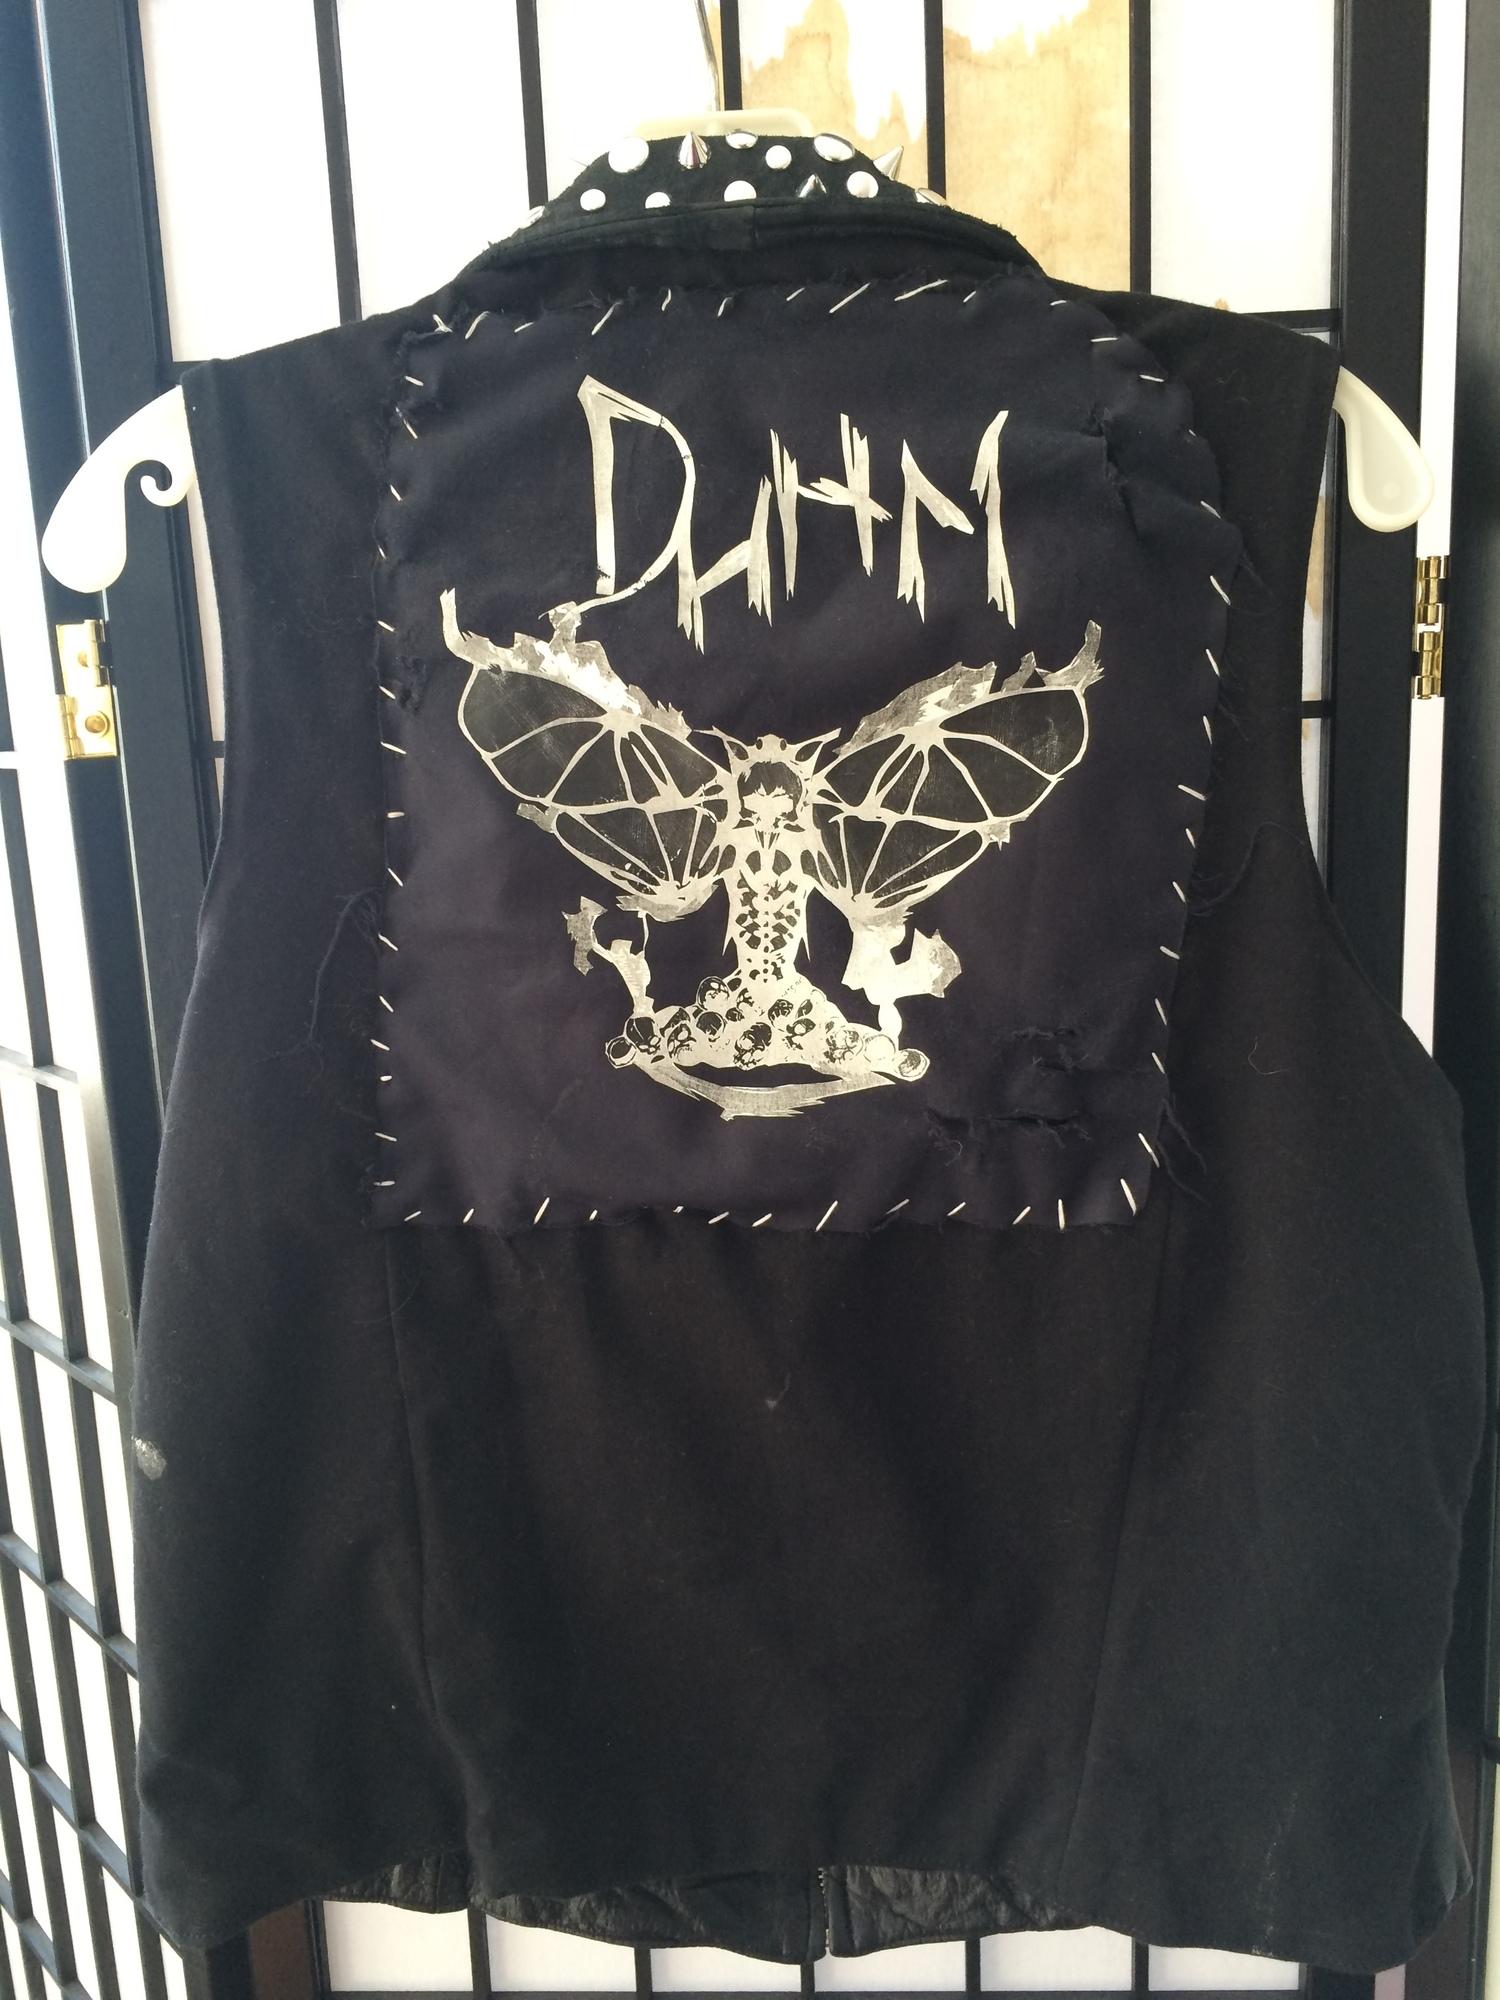 Death-Head Hawk Moth Band